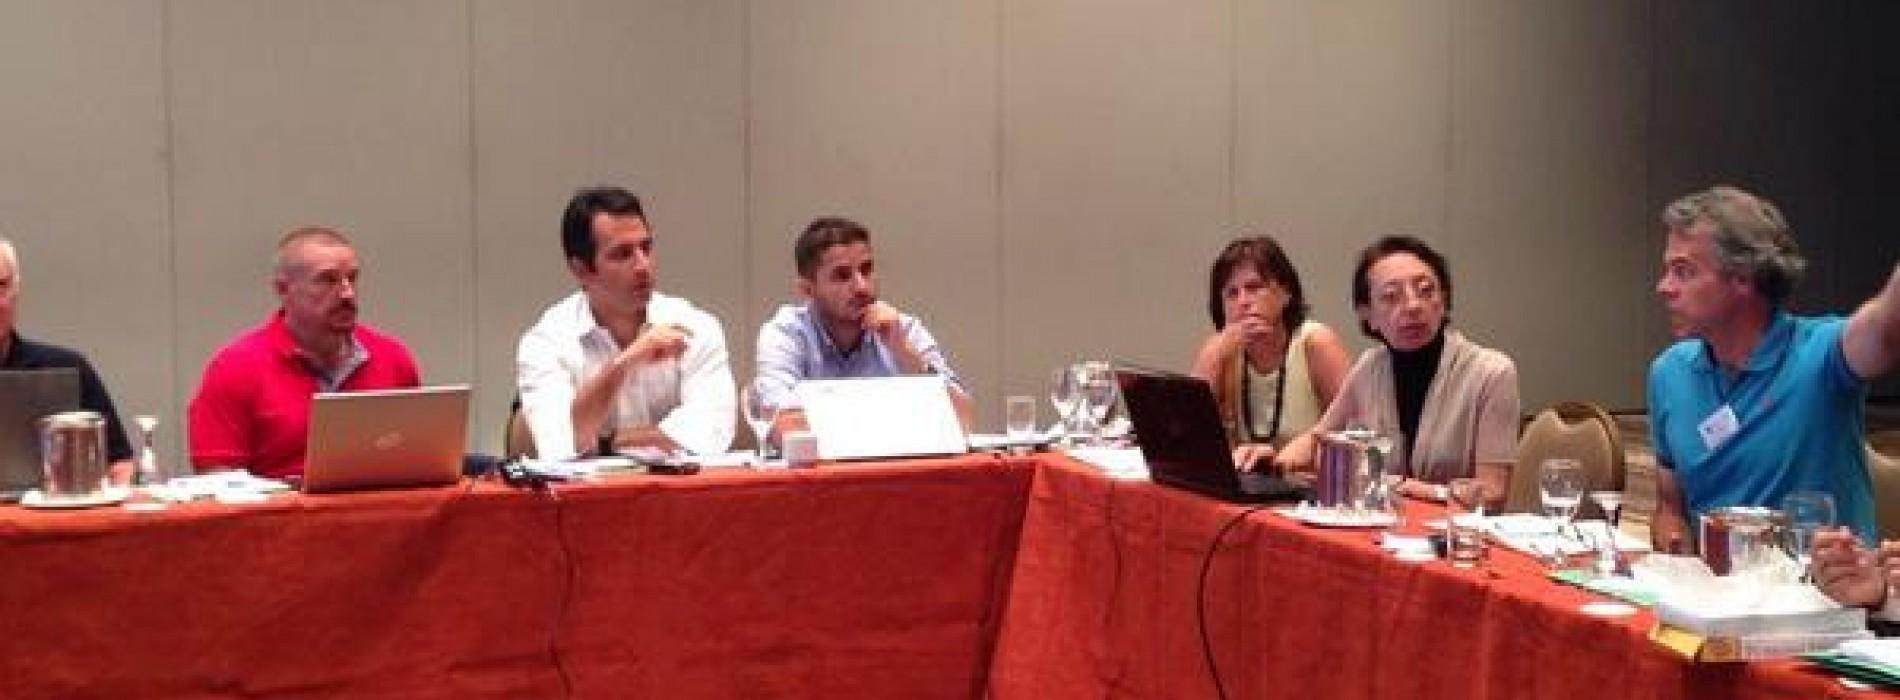 İpekyolu Koridoru Toplantısı Yunanistan'da Yapılıyor